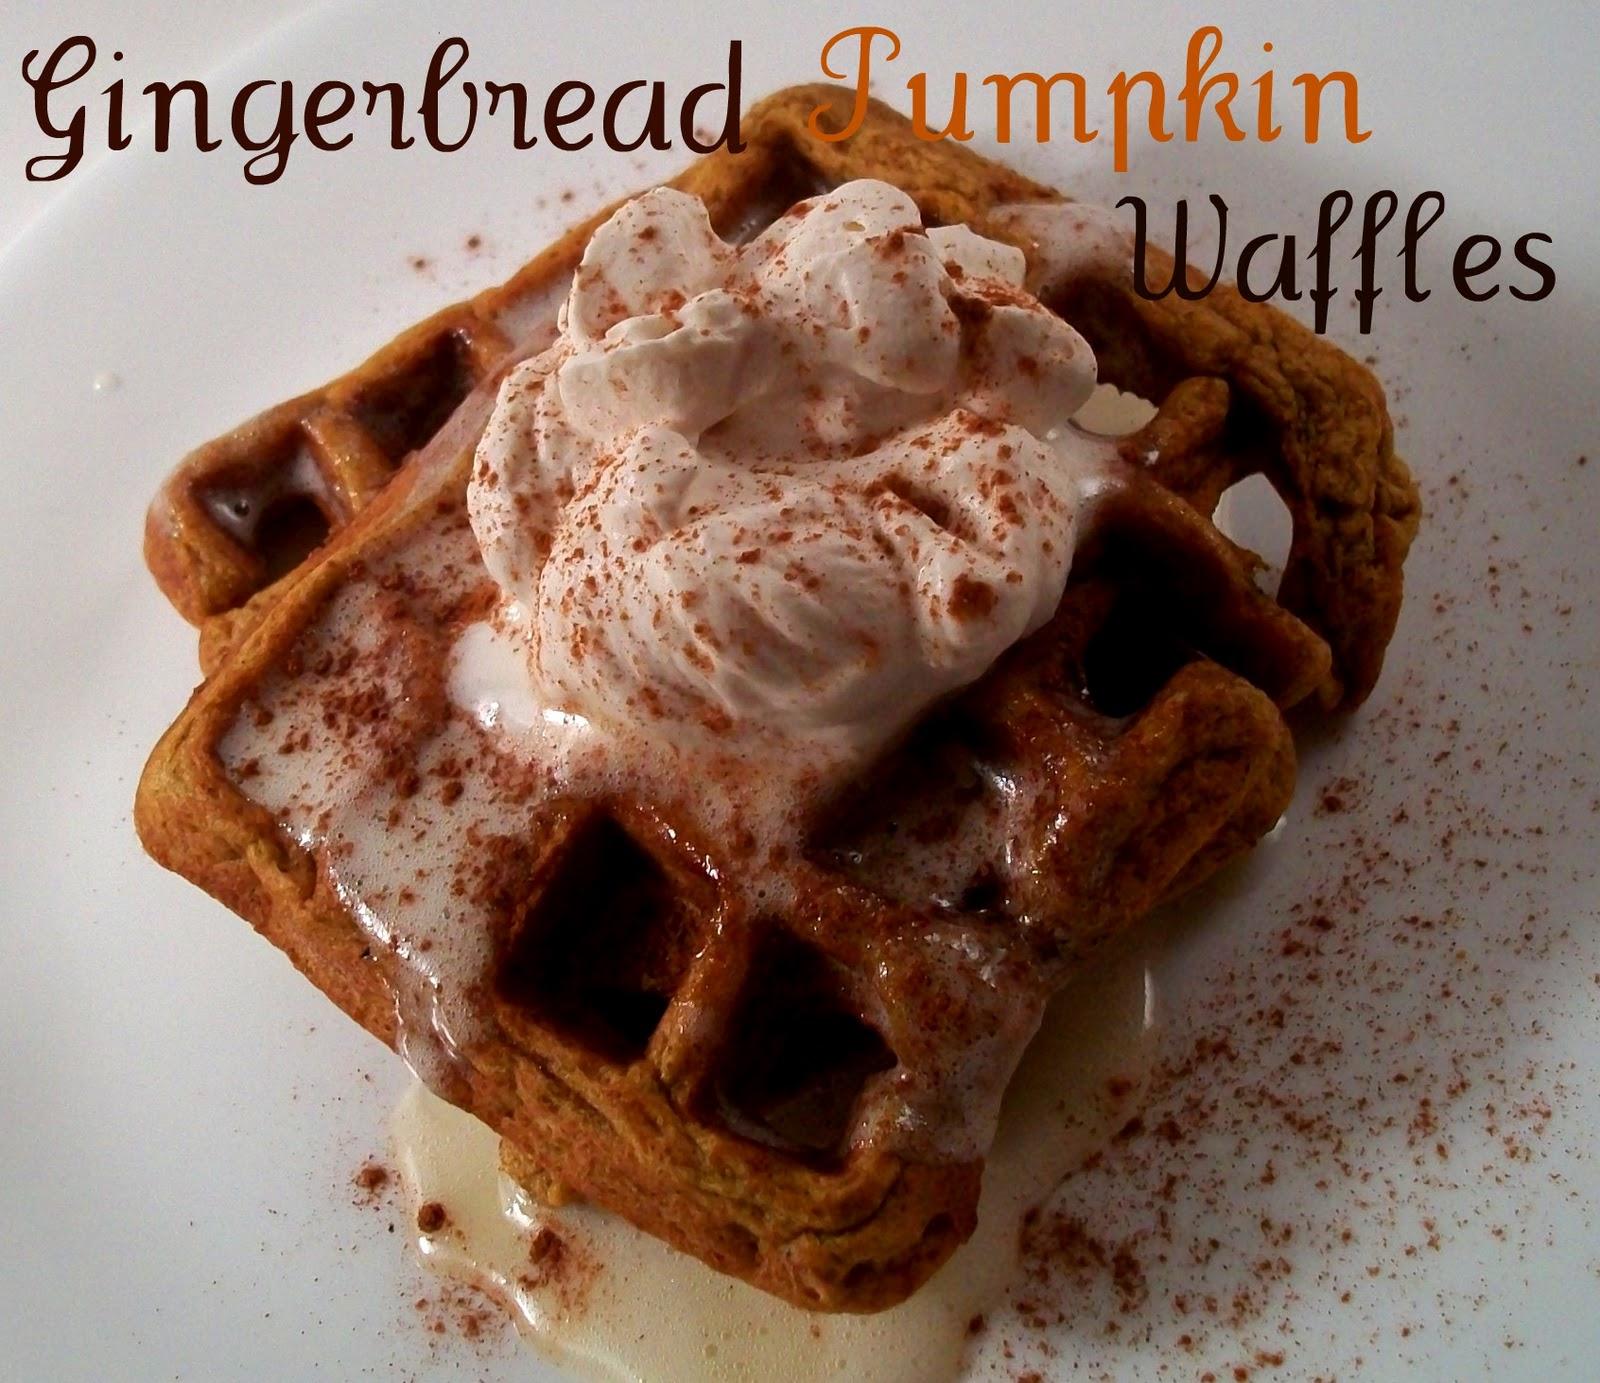 https://i0.wp.com/4.bp.blogspot.com/_lpt2kTYCqUQ/TP2v-sdRPuI/AAAAAAAADgg/CdZIdt2eCbs/s1600/Gingerbread+Pumpkin+Waffles.jpg?resize=616%2C533